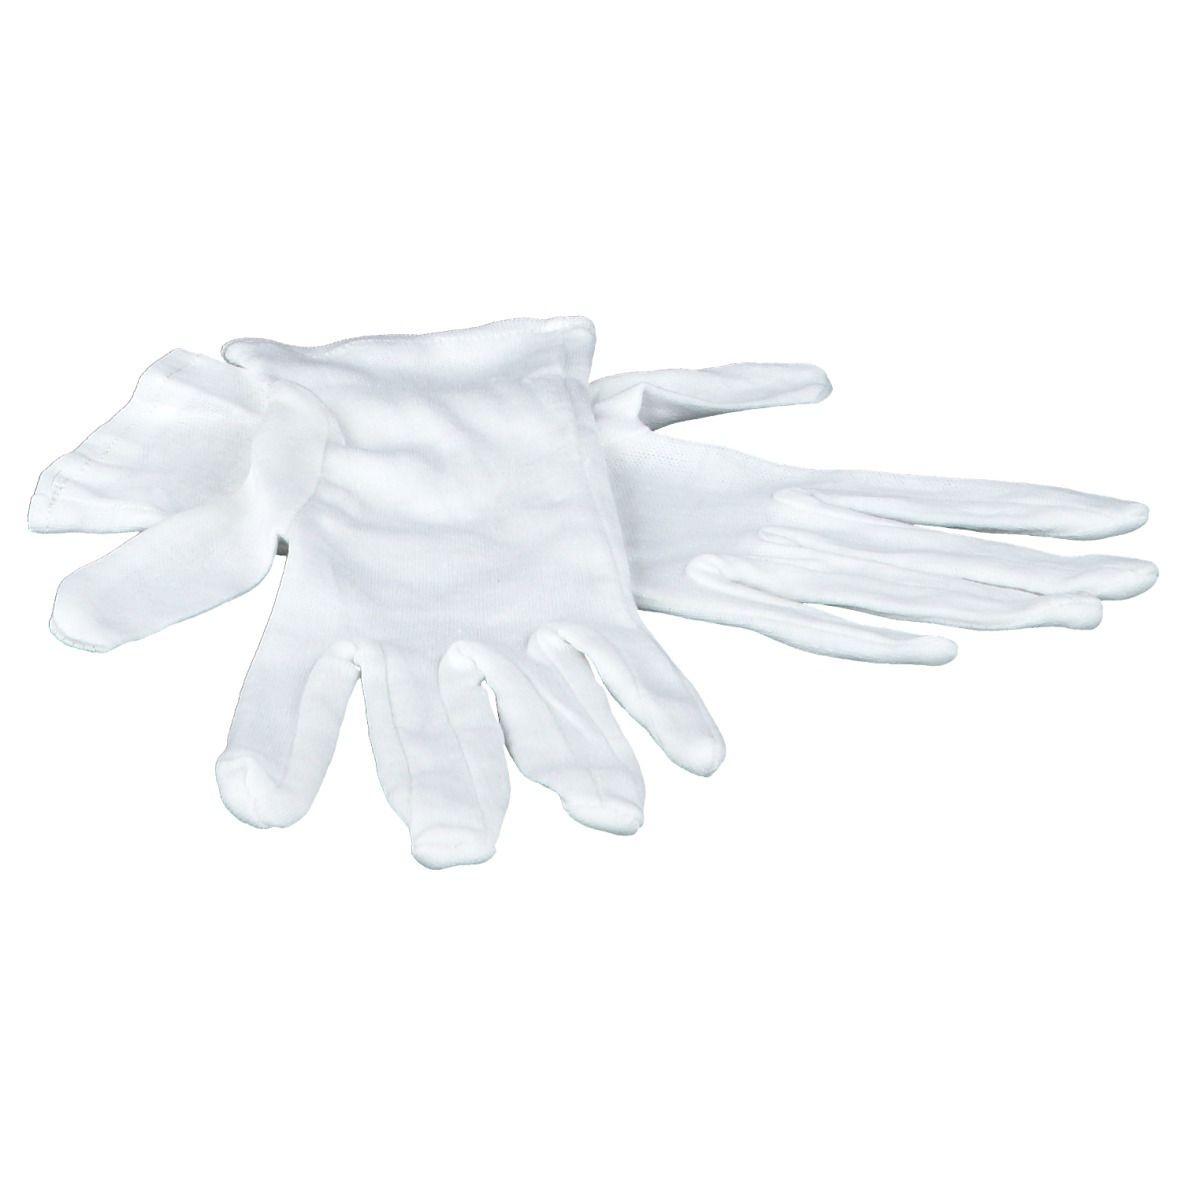 FRANK® Zwirnhandschuhe aus Baumwoll-Trikot weiß Gr. 8